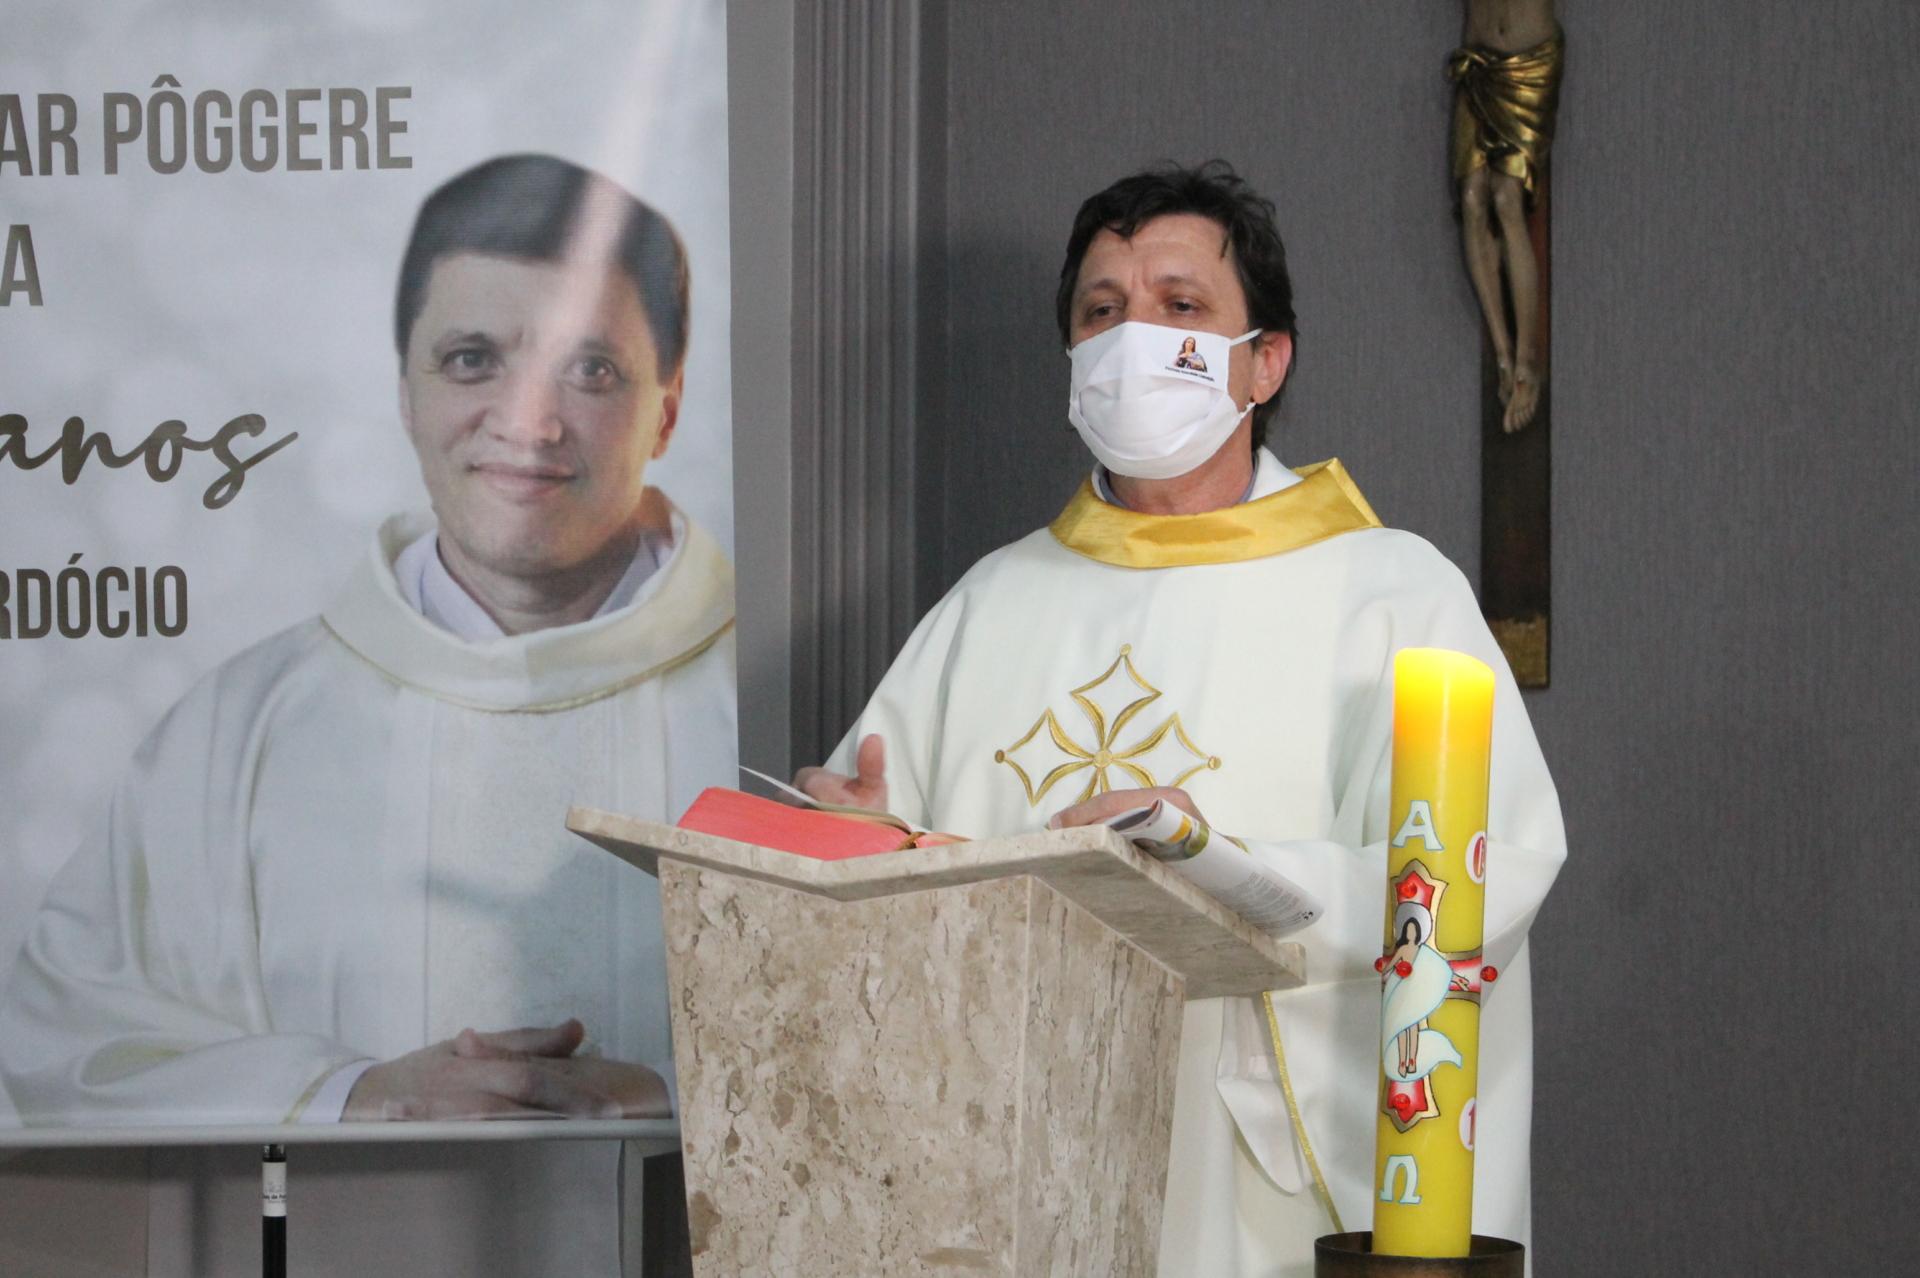 Pe. César celebra 25 anos de Ordenação Sacerdotal